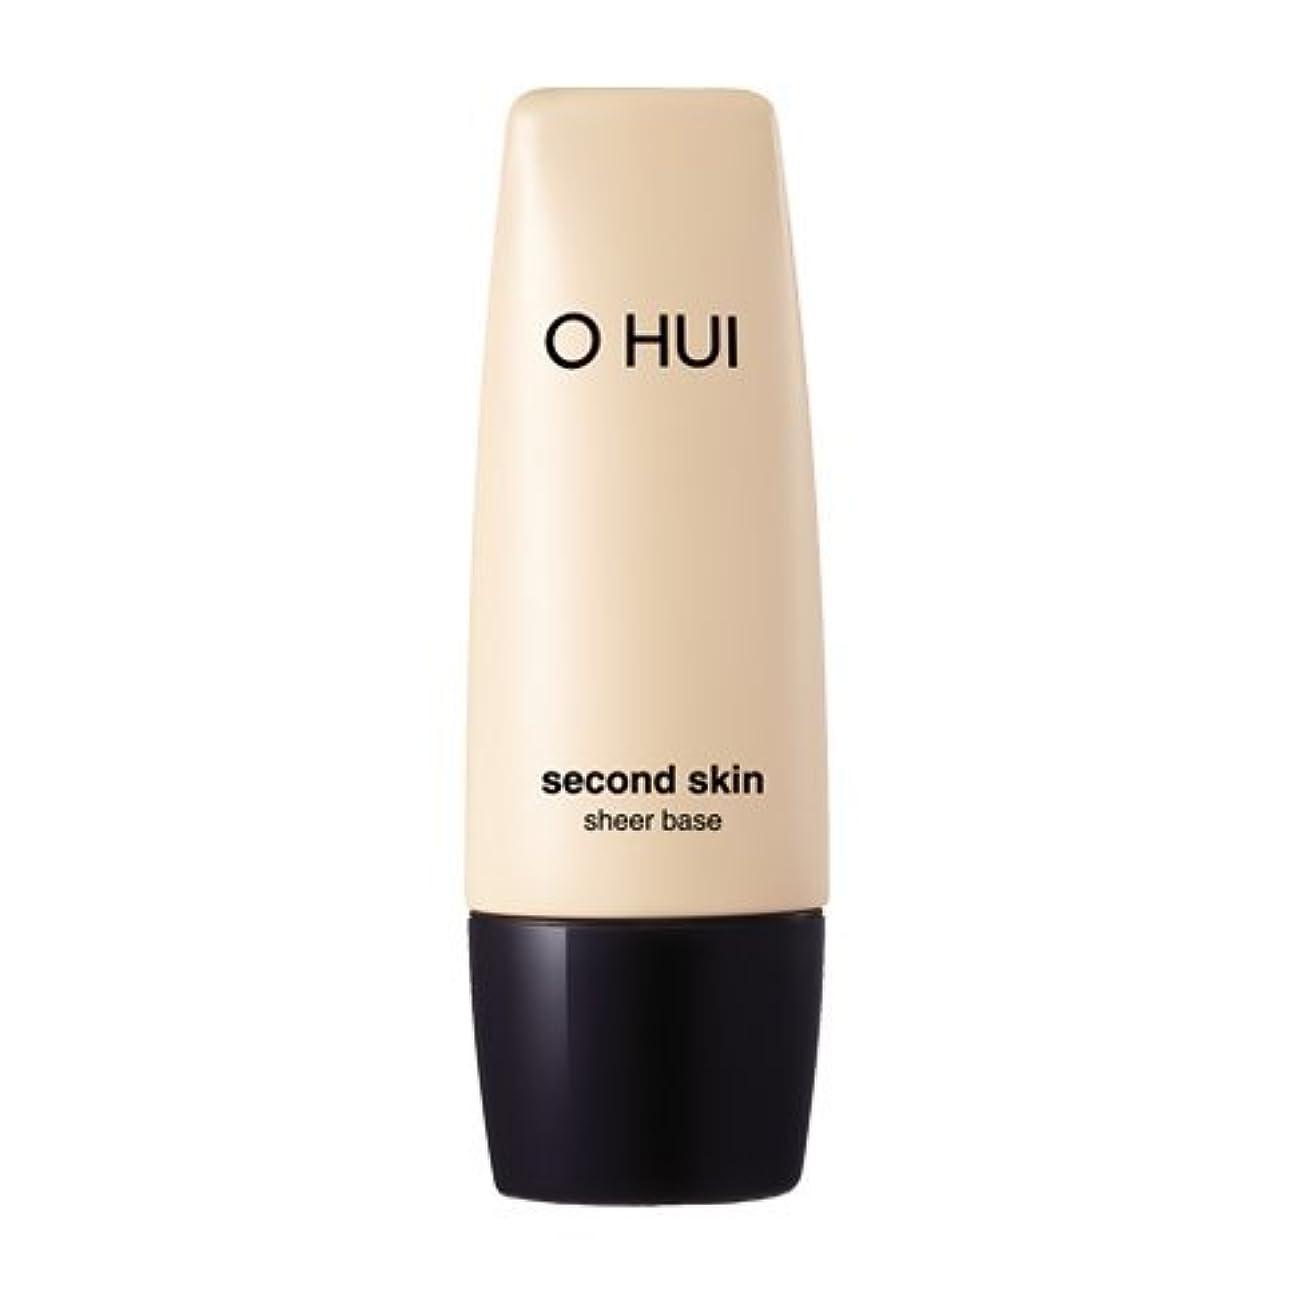 感嘆忘れる来てOHUI Second Skin Sheer Base 40ml/オフィ セカンド スキン シア ベース 40ml